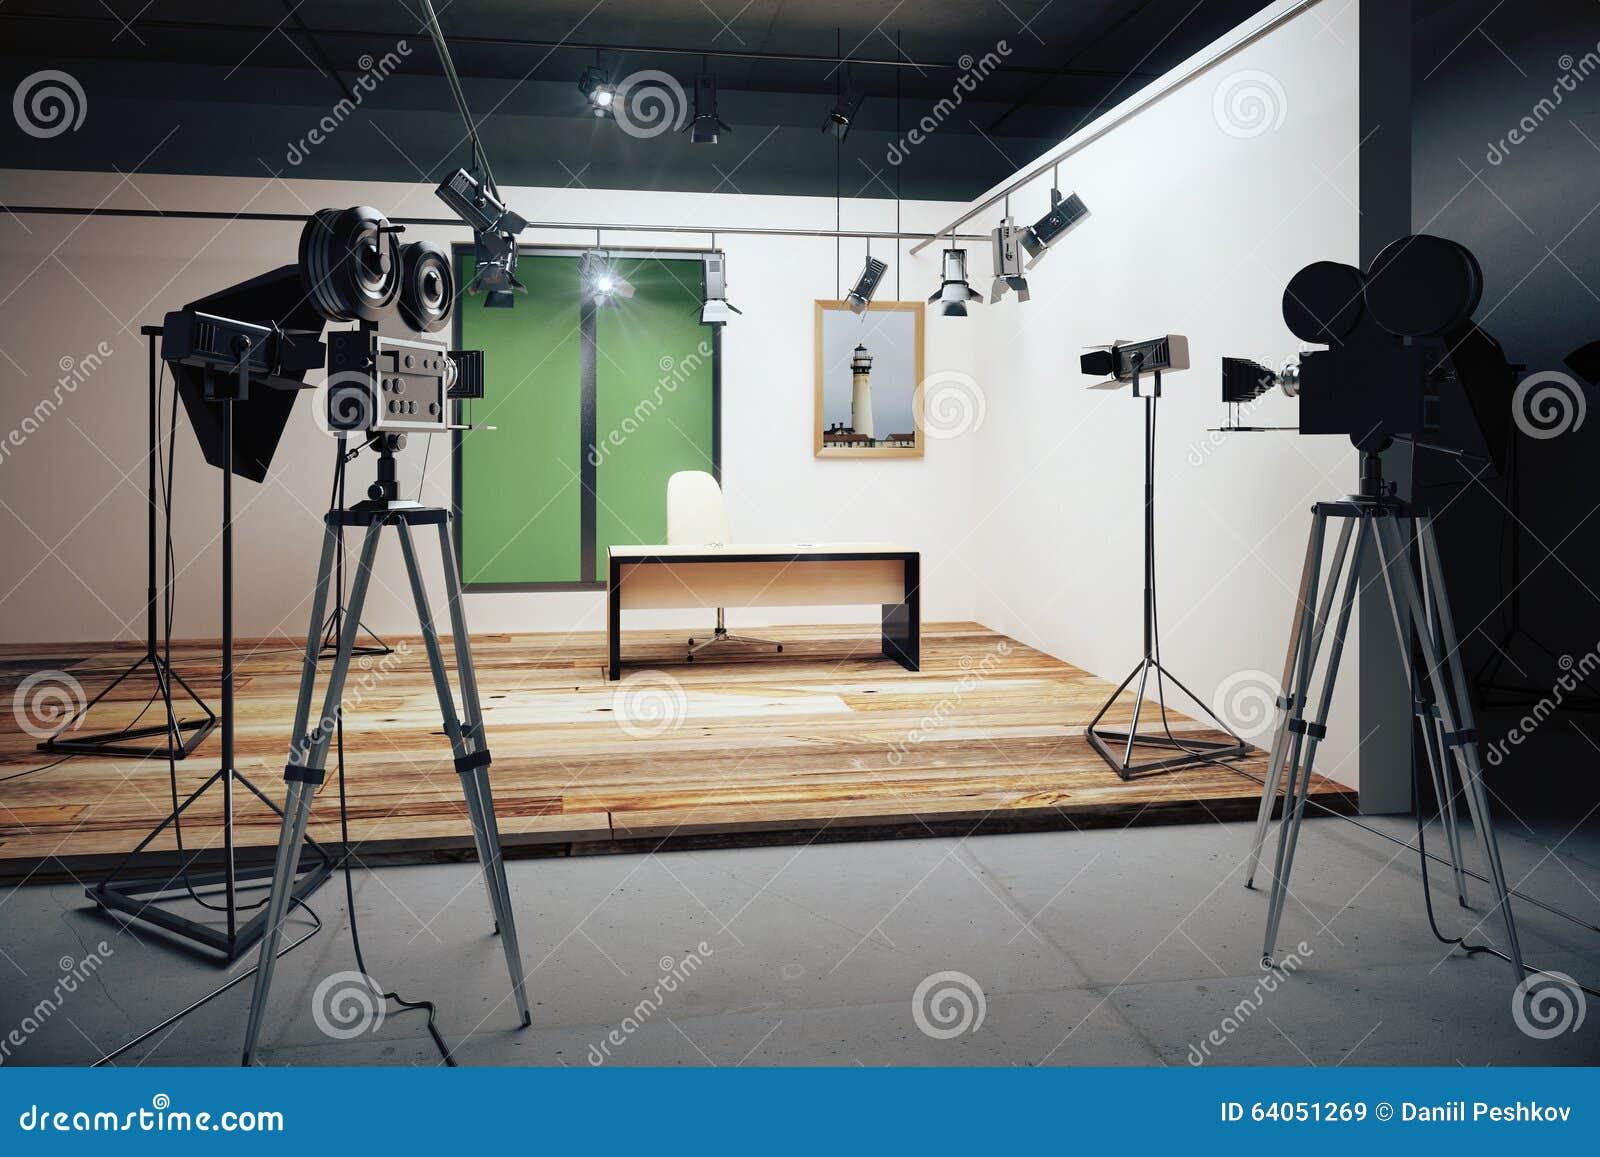 Studio Filmowe Biurowe Dekoracje Z Rocznika Filmu Kamerami